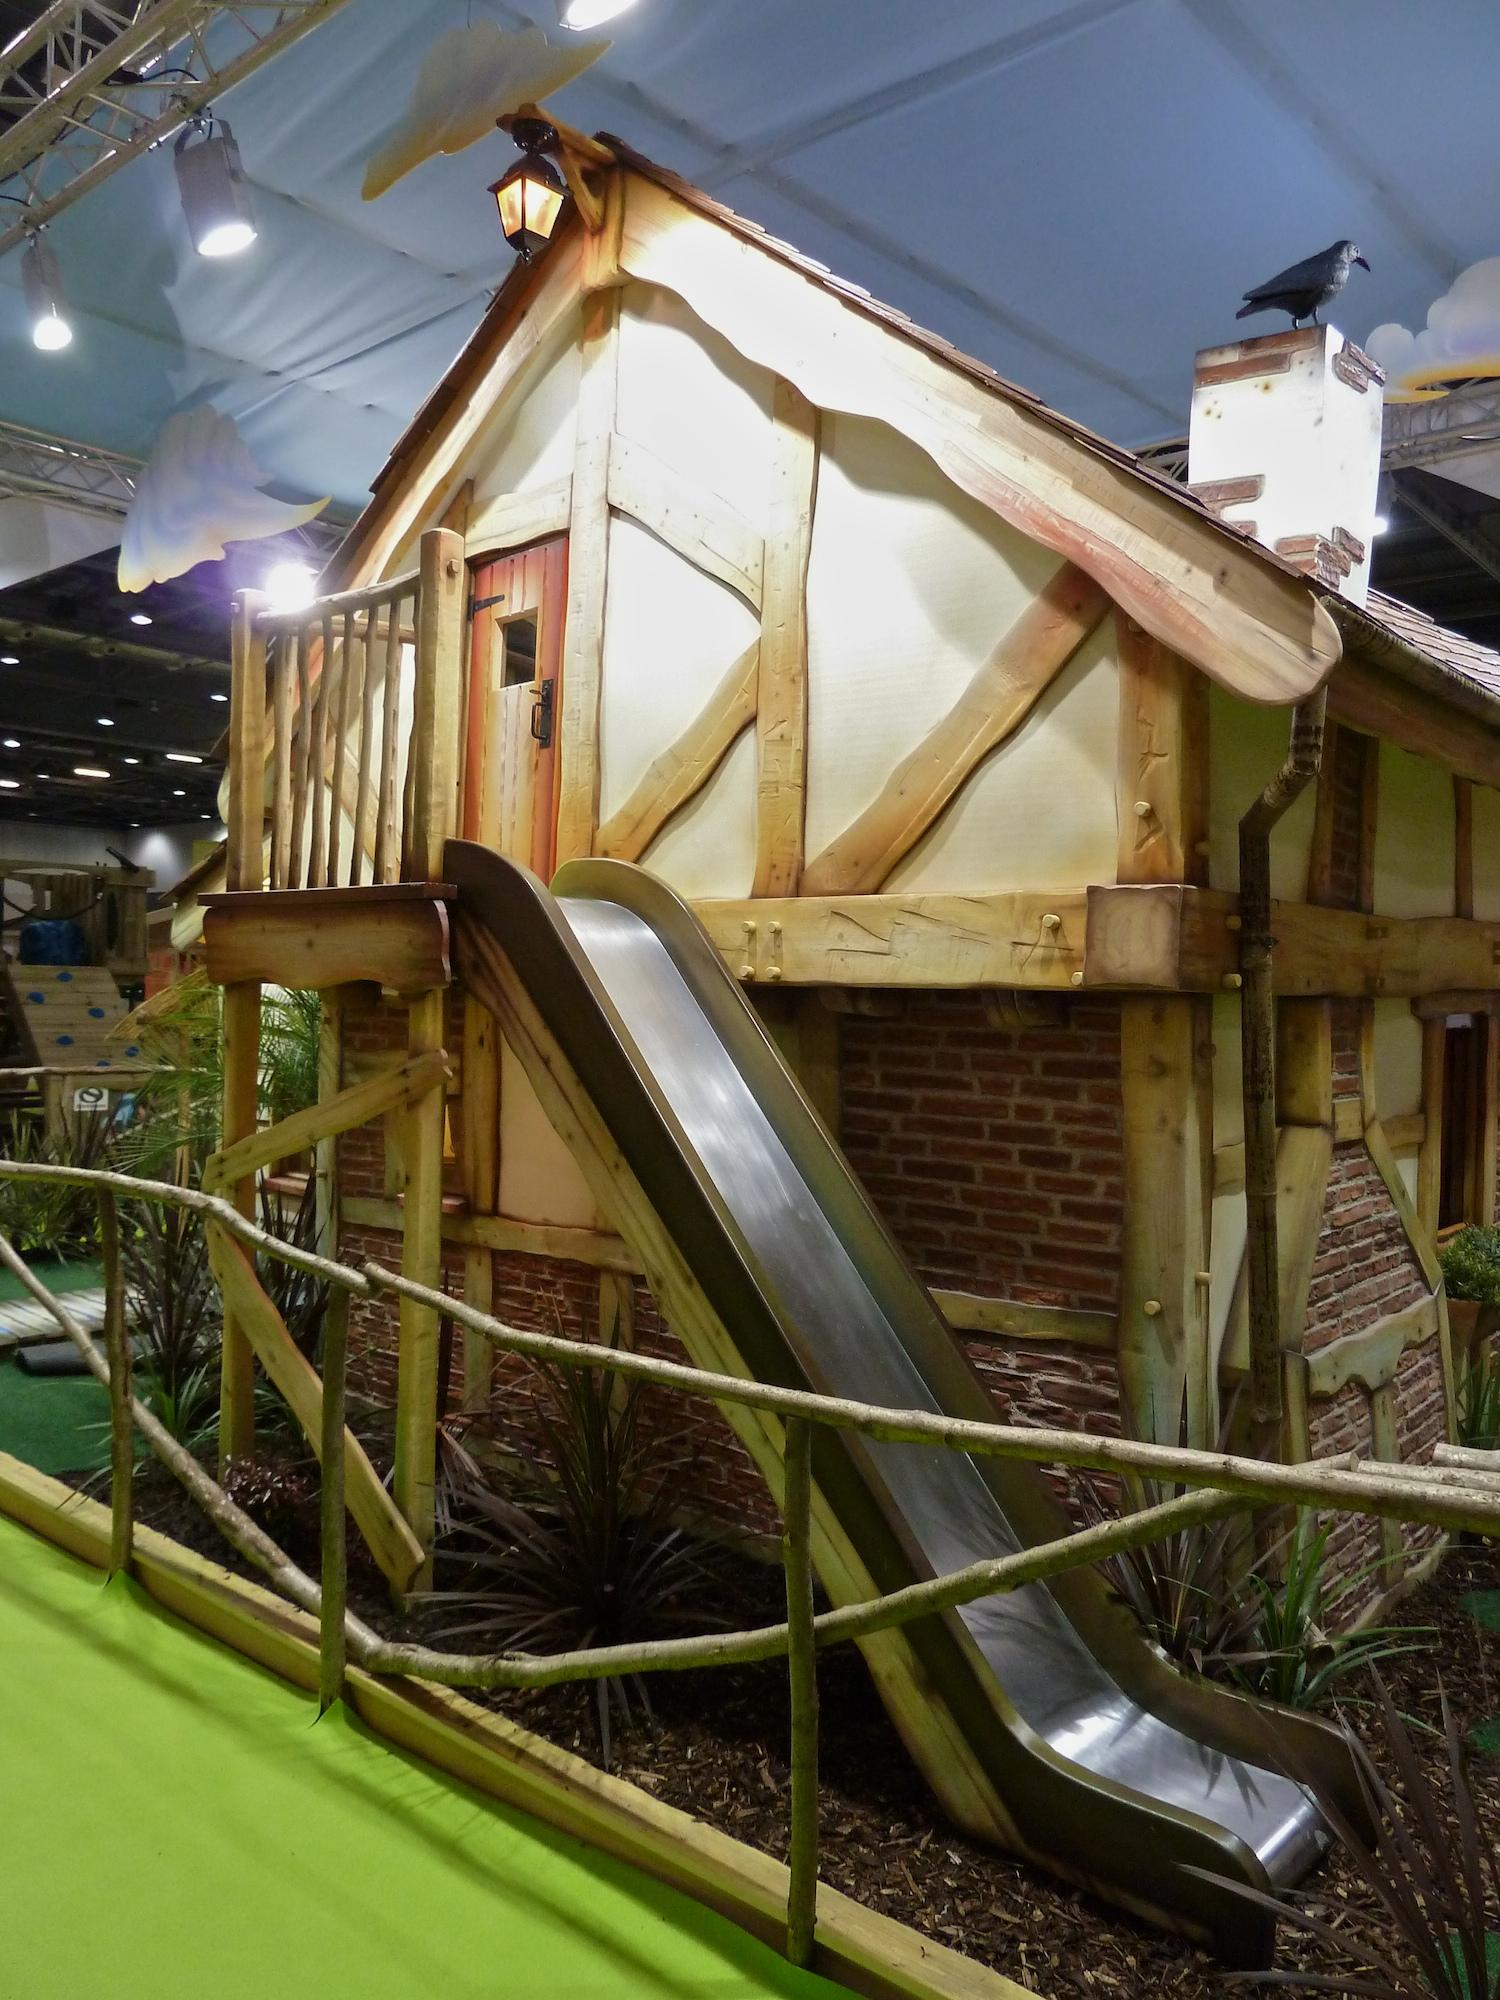 Download Wonky Playhouse Plans Free Plans DIY Kian Li